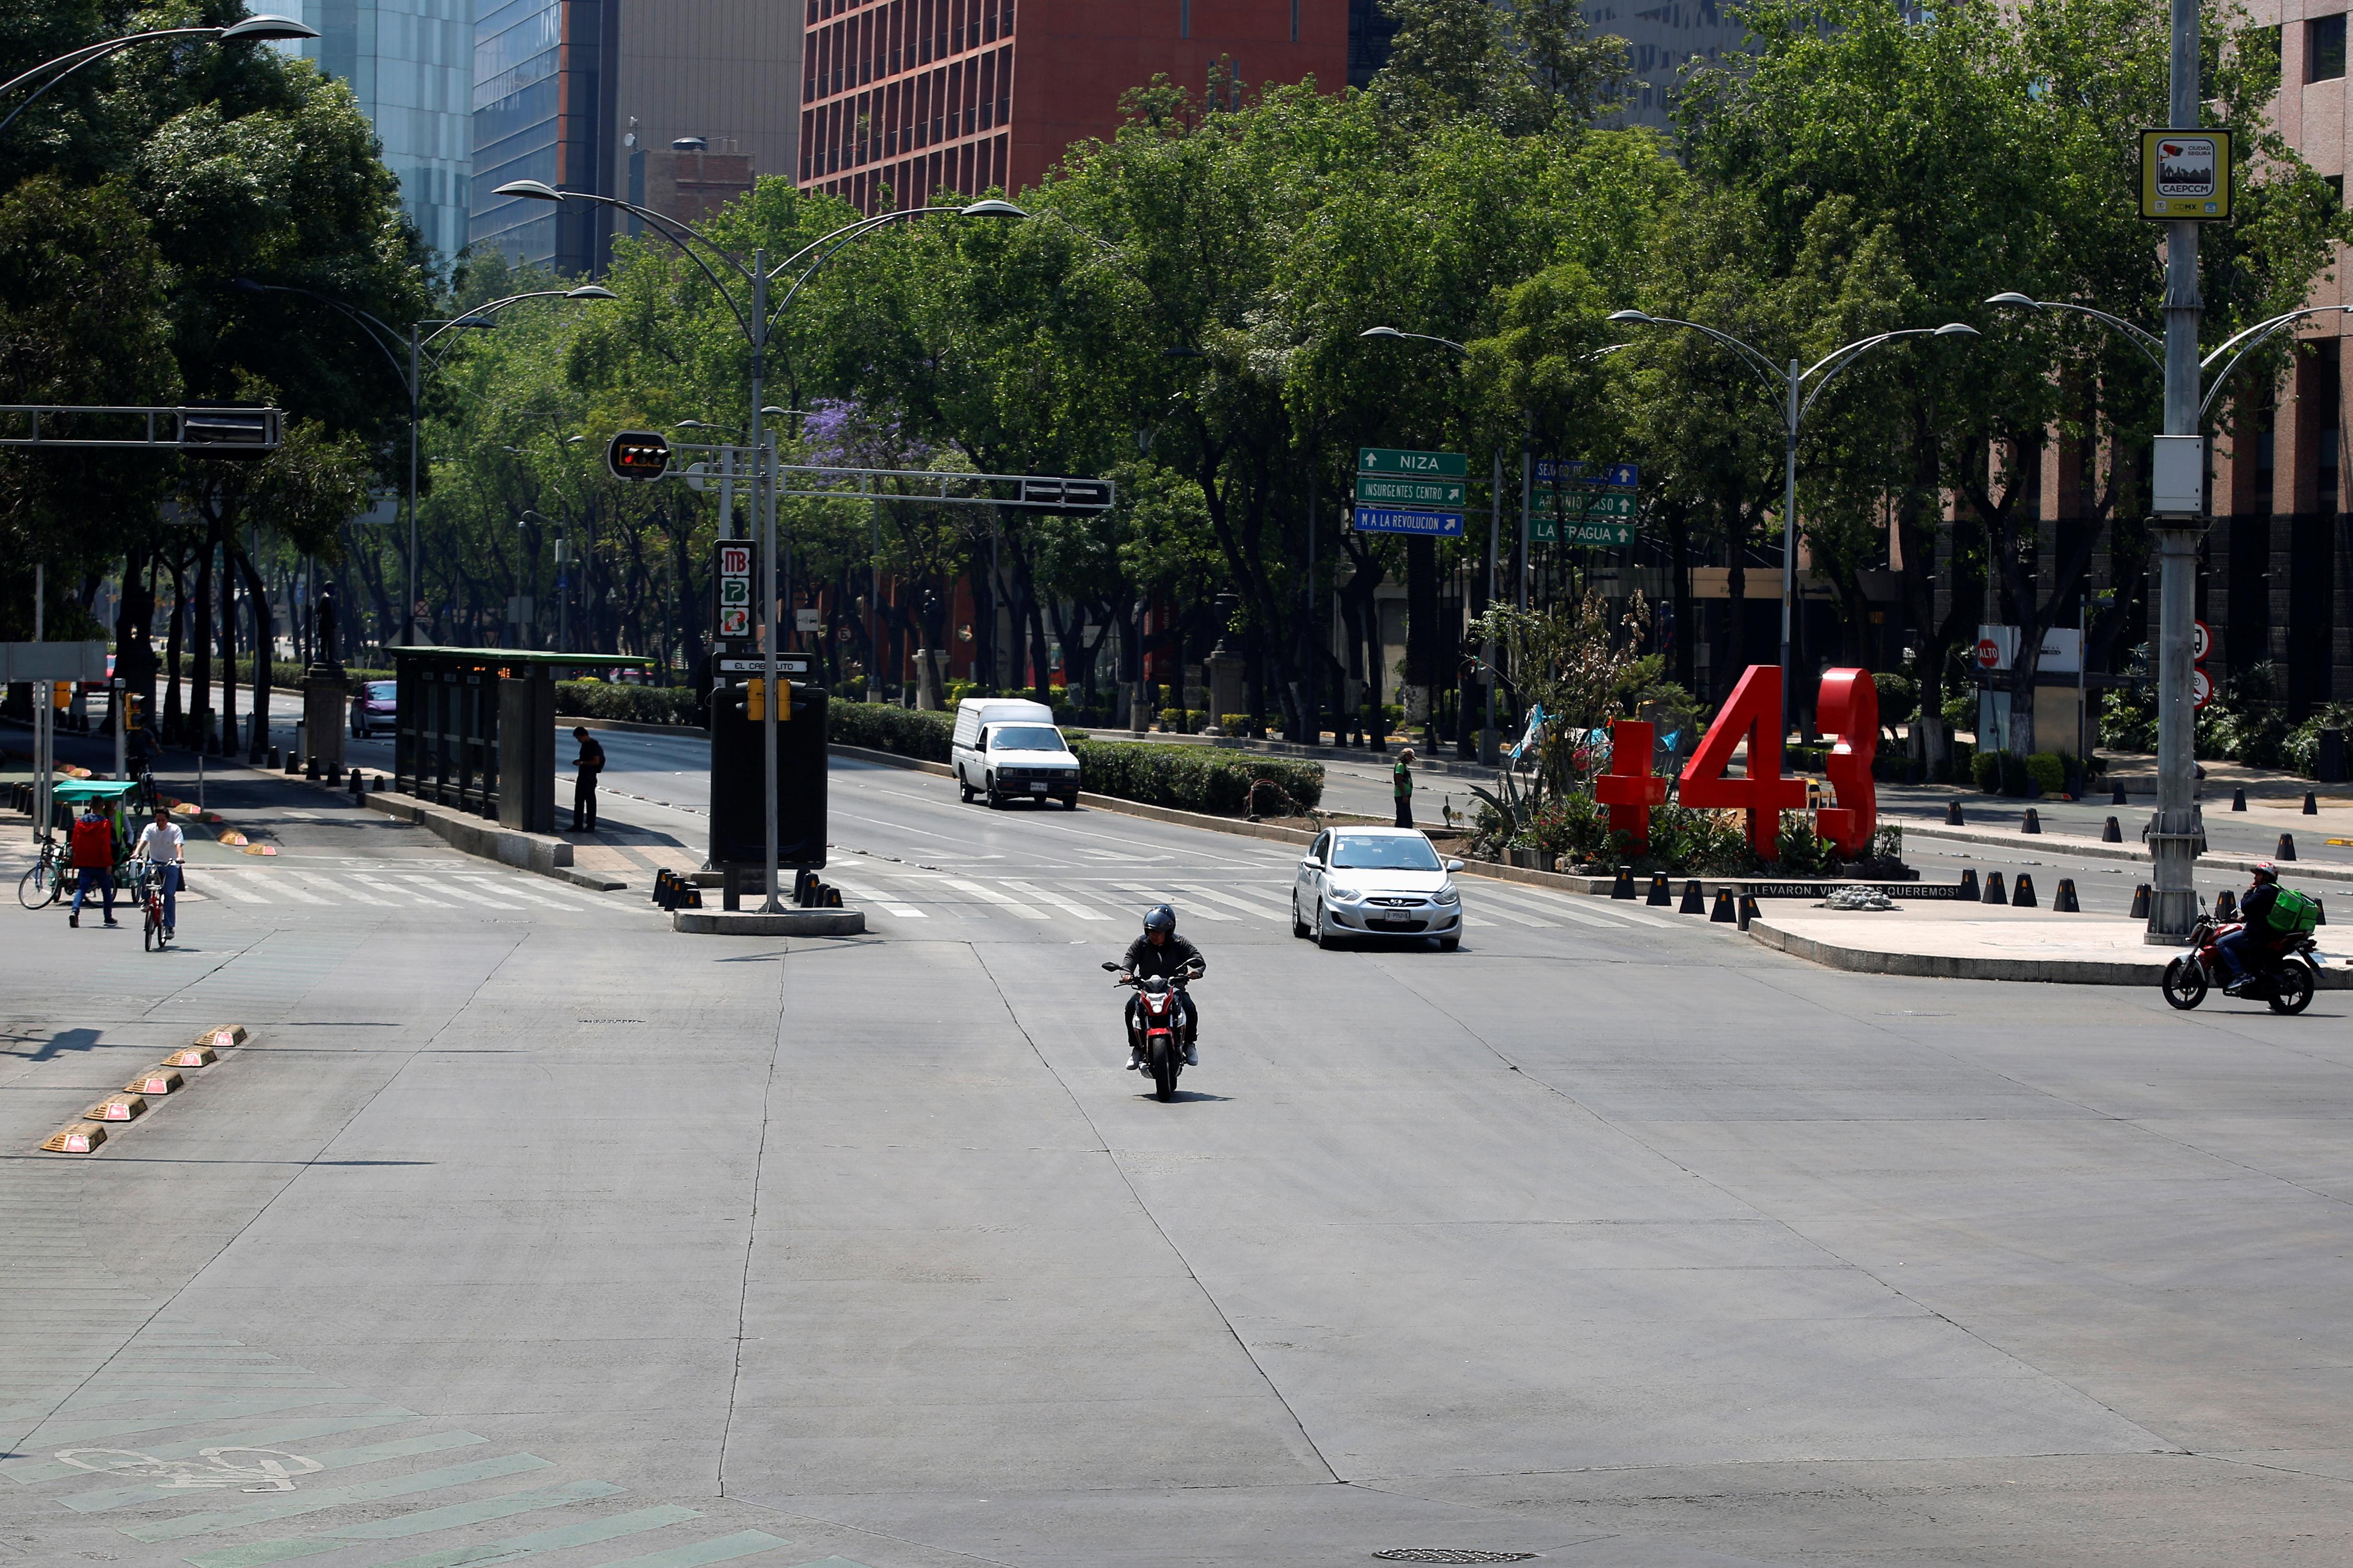 Se ven pocos vehículos en la calle mientras continúa el brote de la enfermedad por coronavirus (COVID-19), en la Ciudad de México, México, 22 de marzo de 2020.